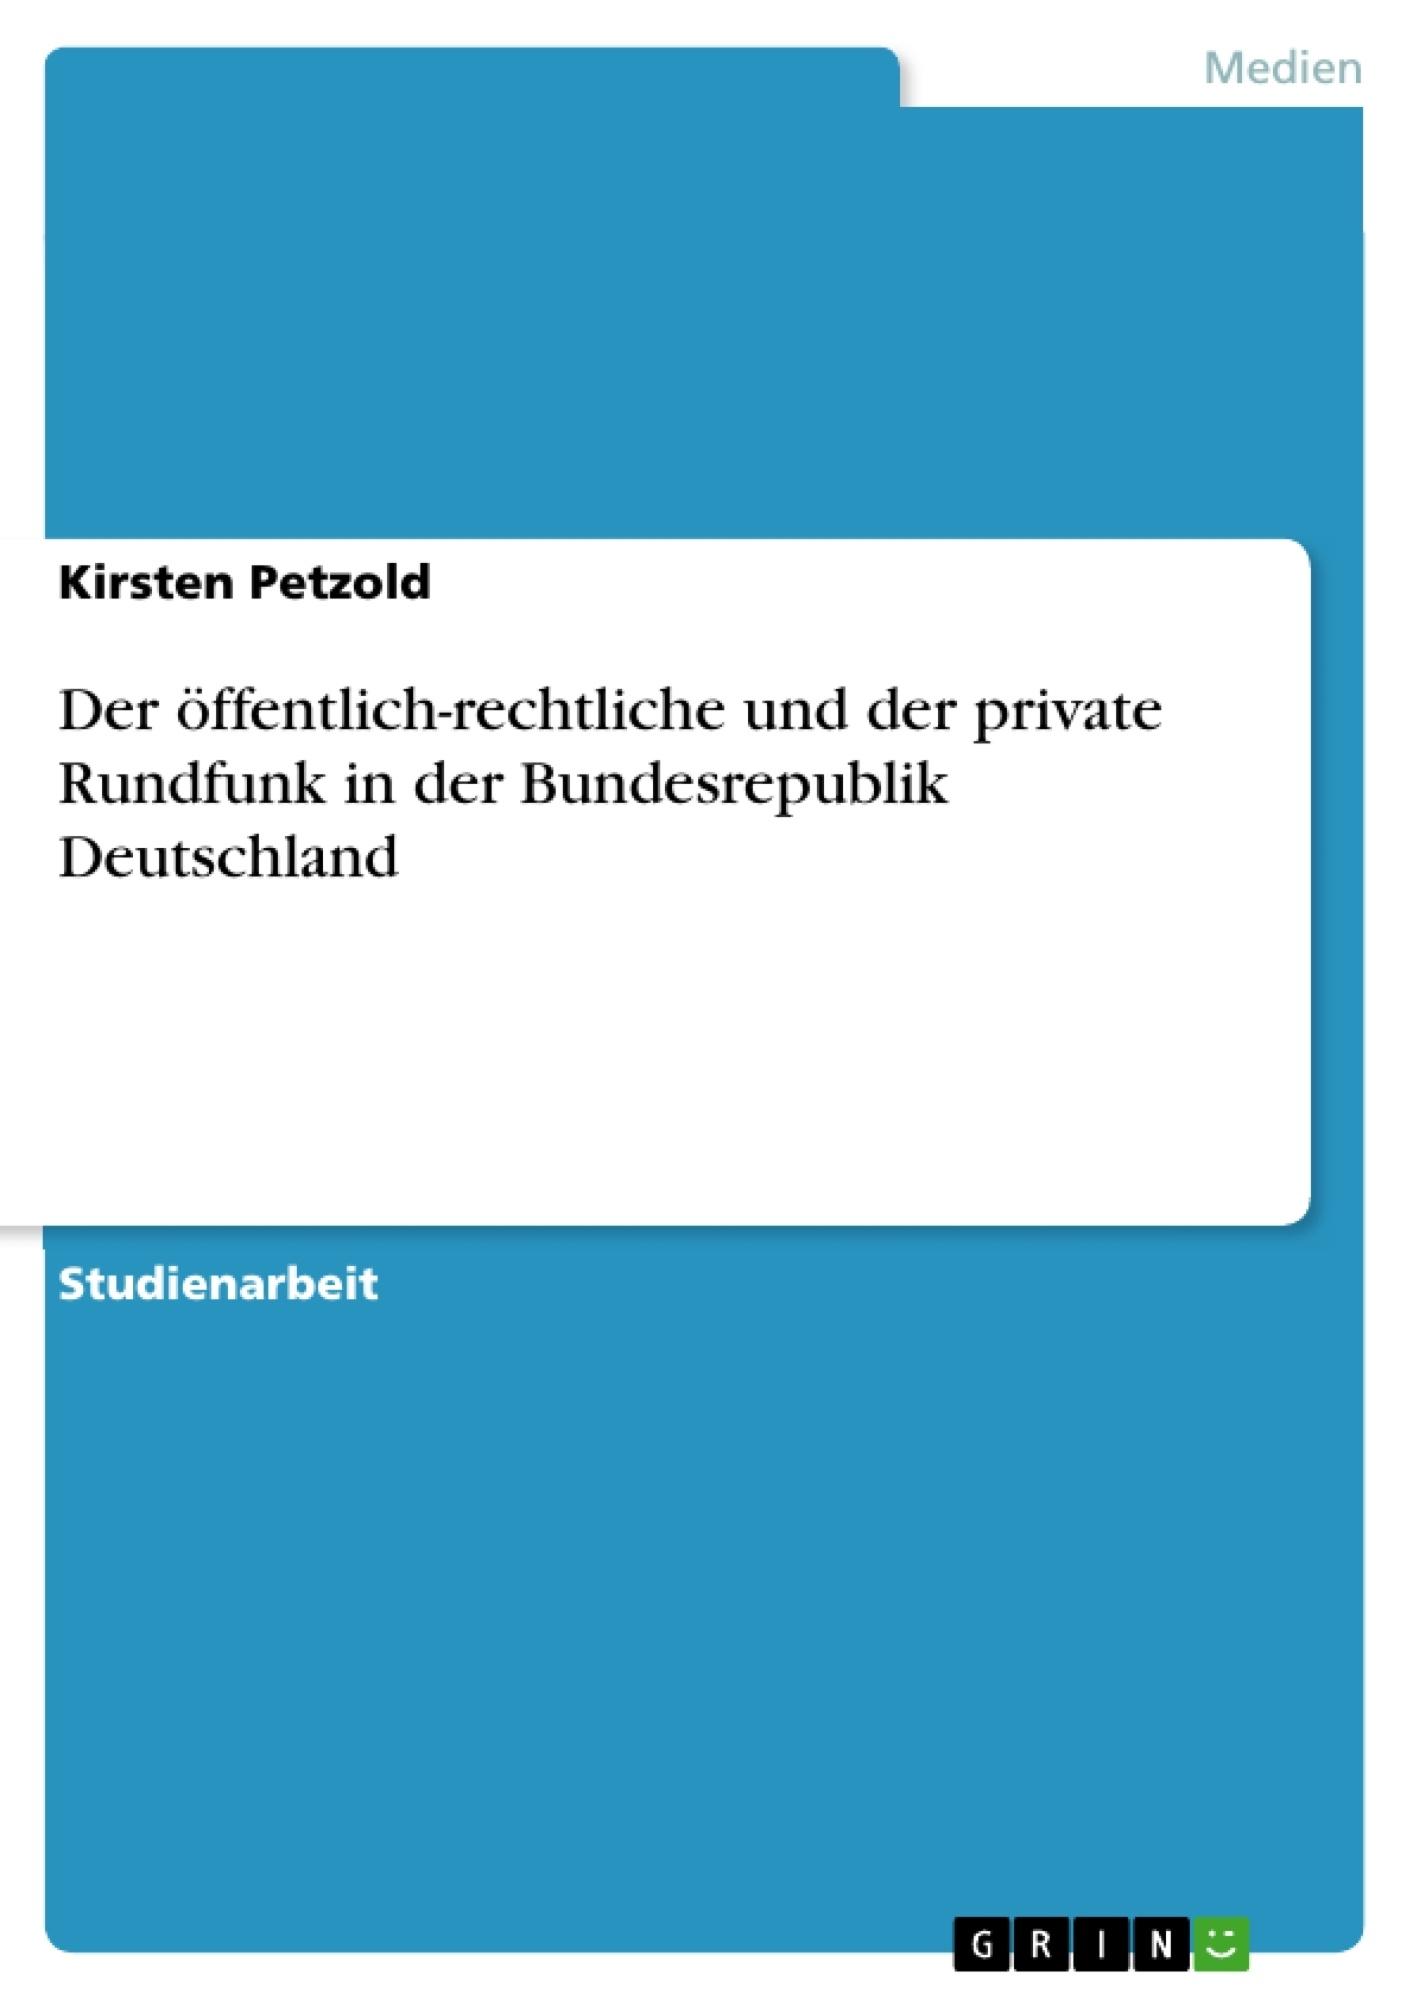 Titel: Der öffentlich-rechtliche und der private Rundfunk in der Bundesrepublik Deutschland